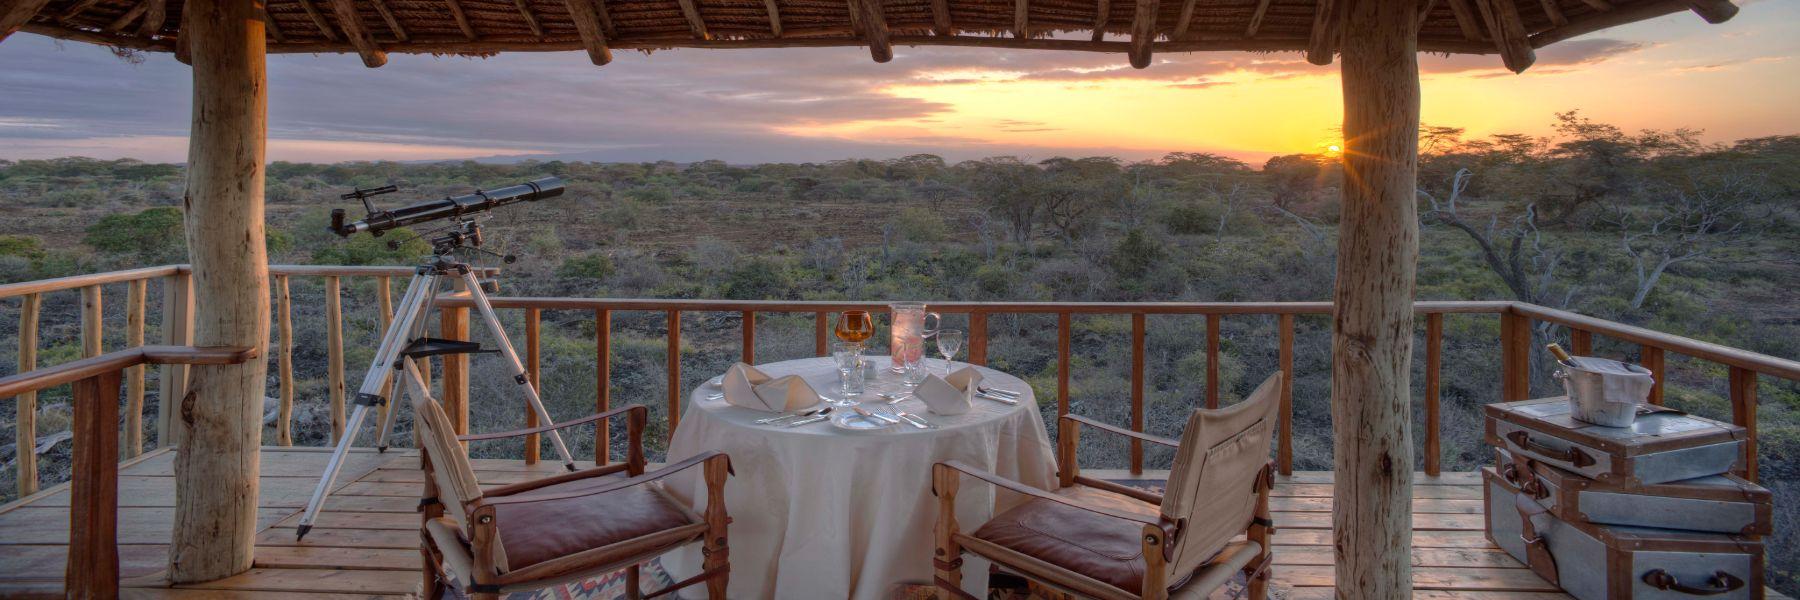 Safari - Finch Hatton lookout